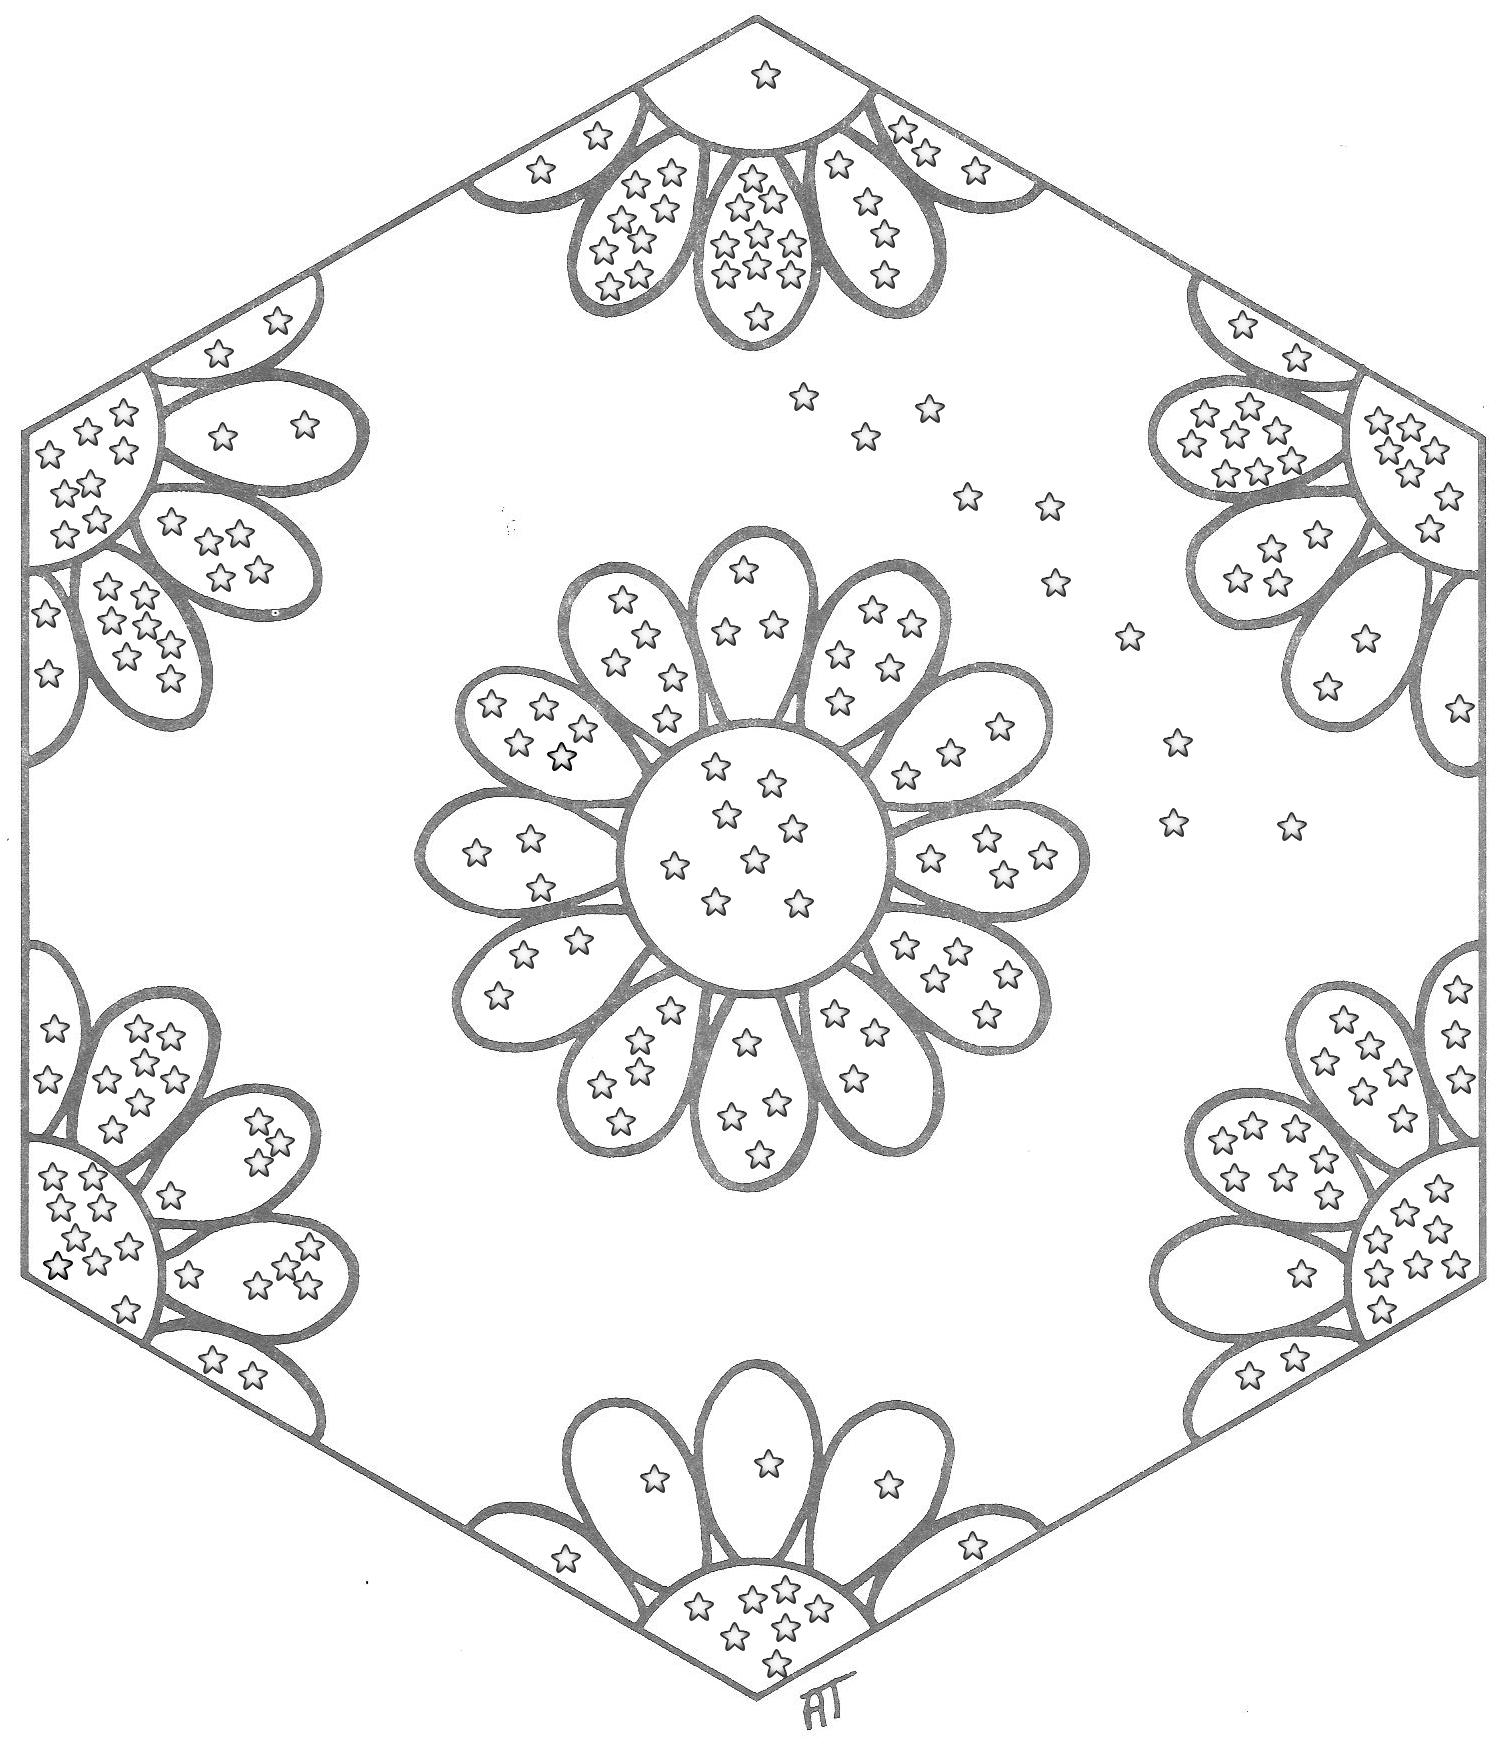 Coloriage Magique Constellation Du Dé intérieur Coloriage Codé Cp